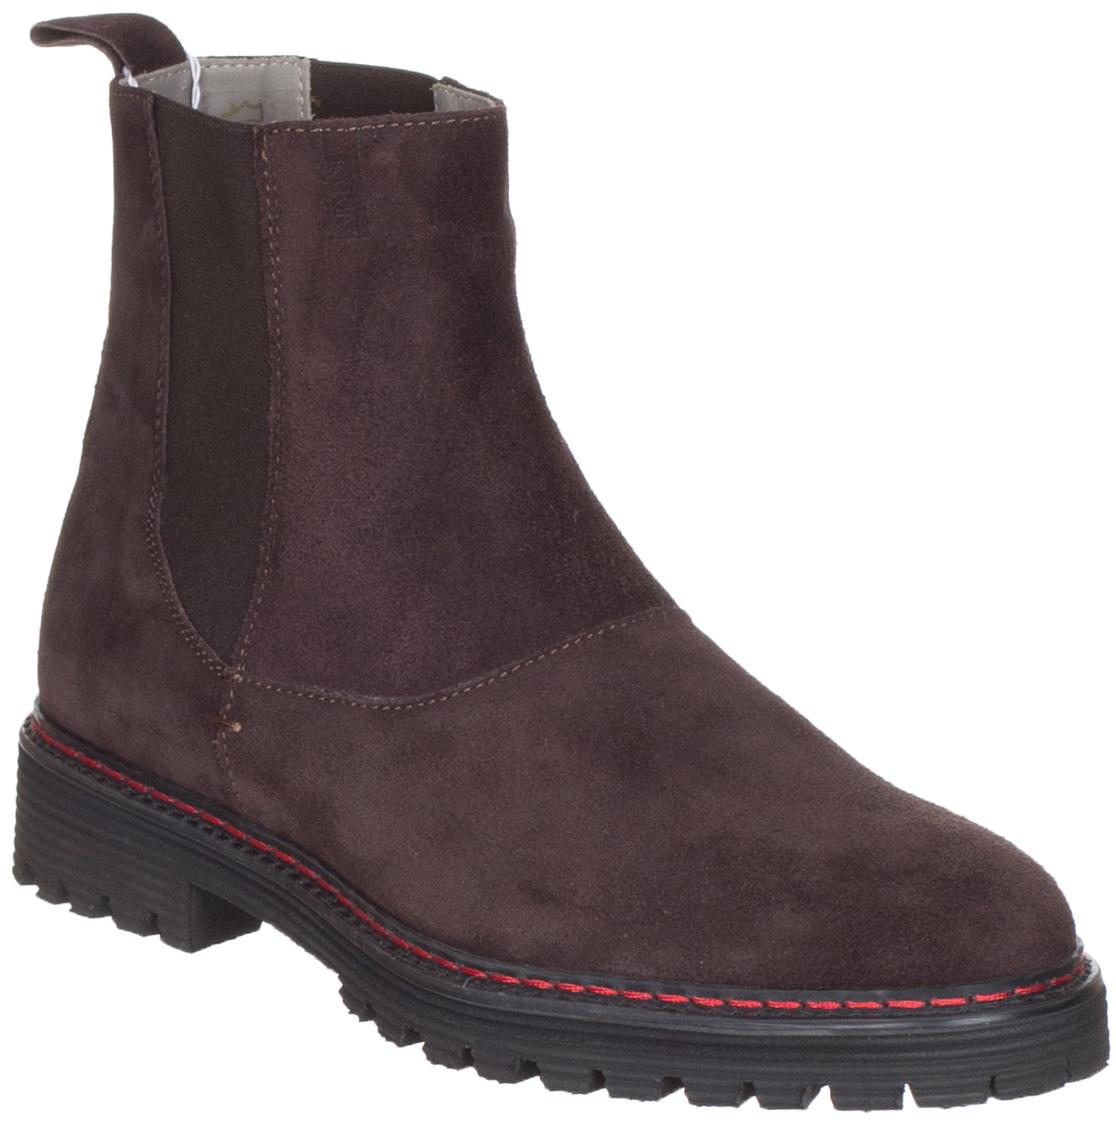 Armani Collezioni Men's Brown Suede Ankle Boots Shoes